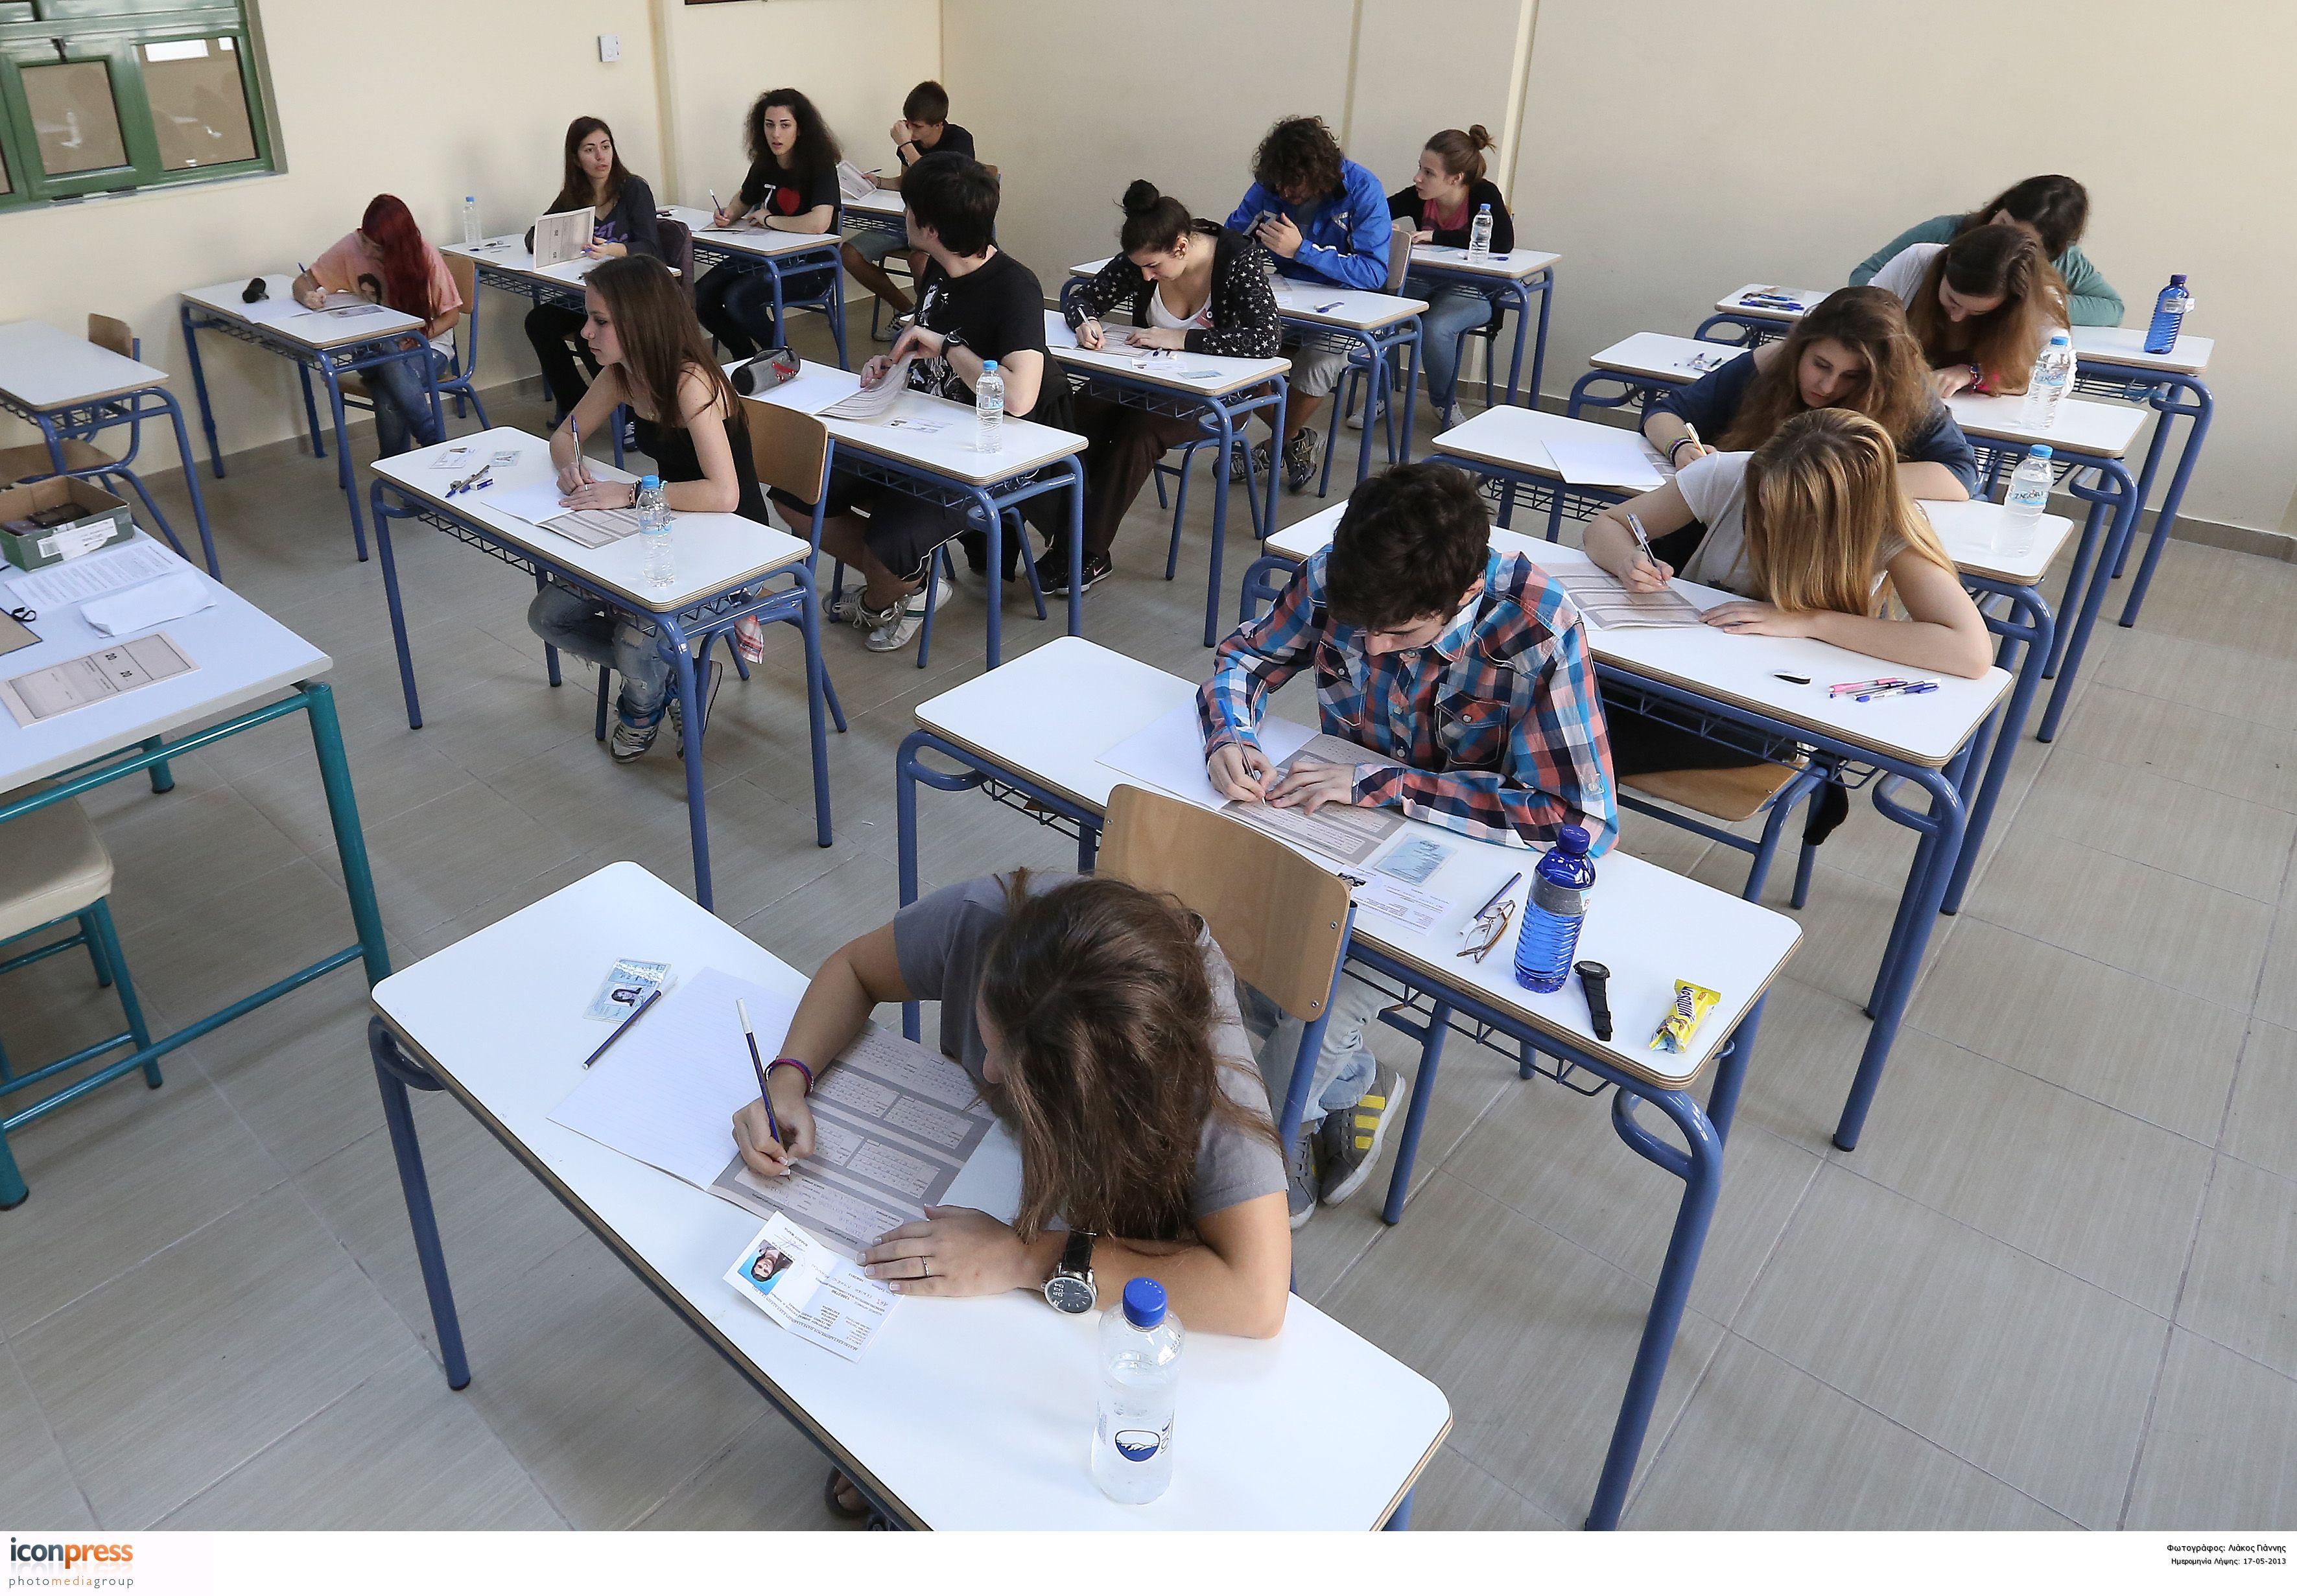 Πανελλαδικές ΕΠΑΛ:Οι απαντήσεις στα τέσσερα μαθήματα των υποψηφίων | tovima.gr